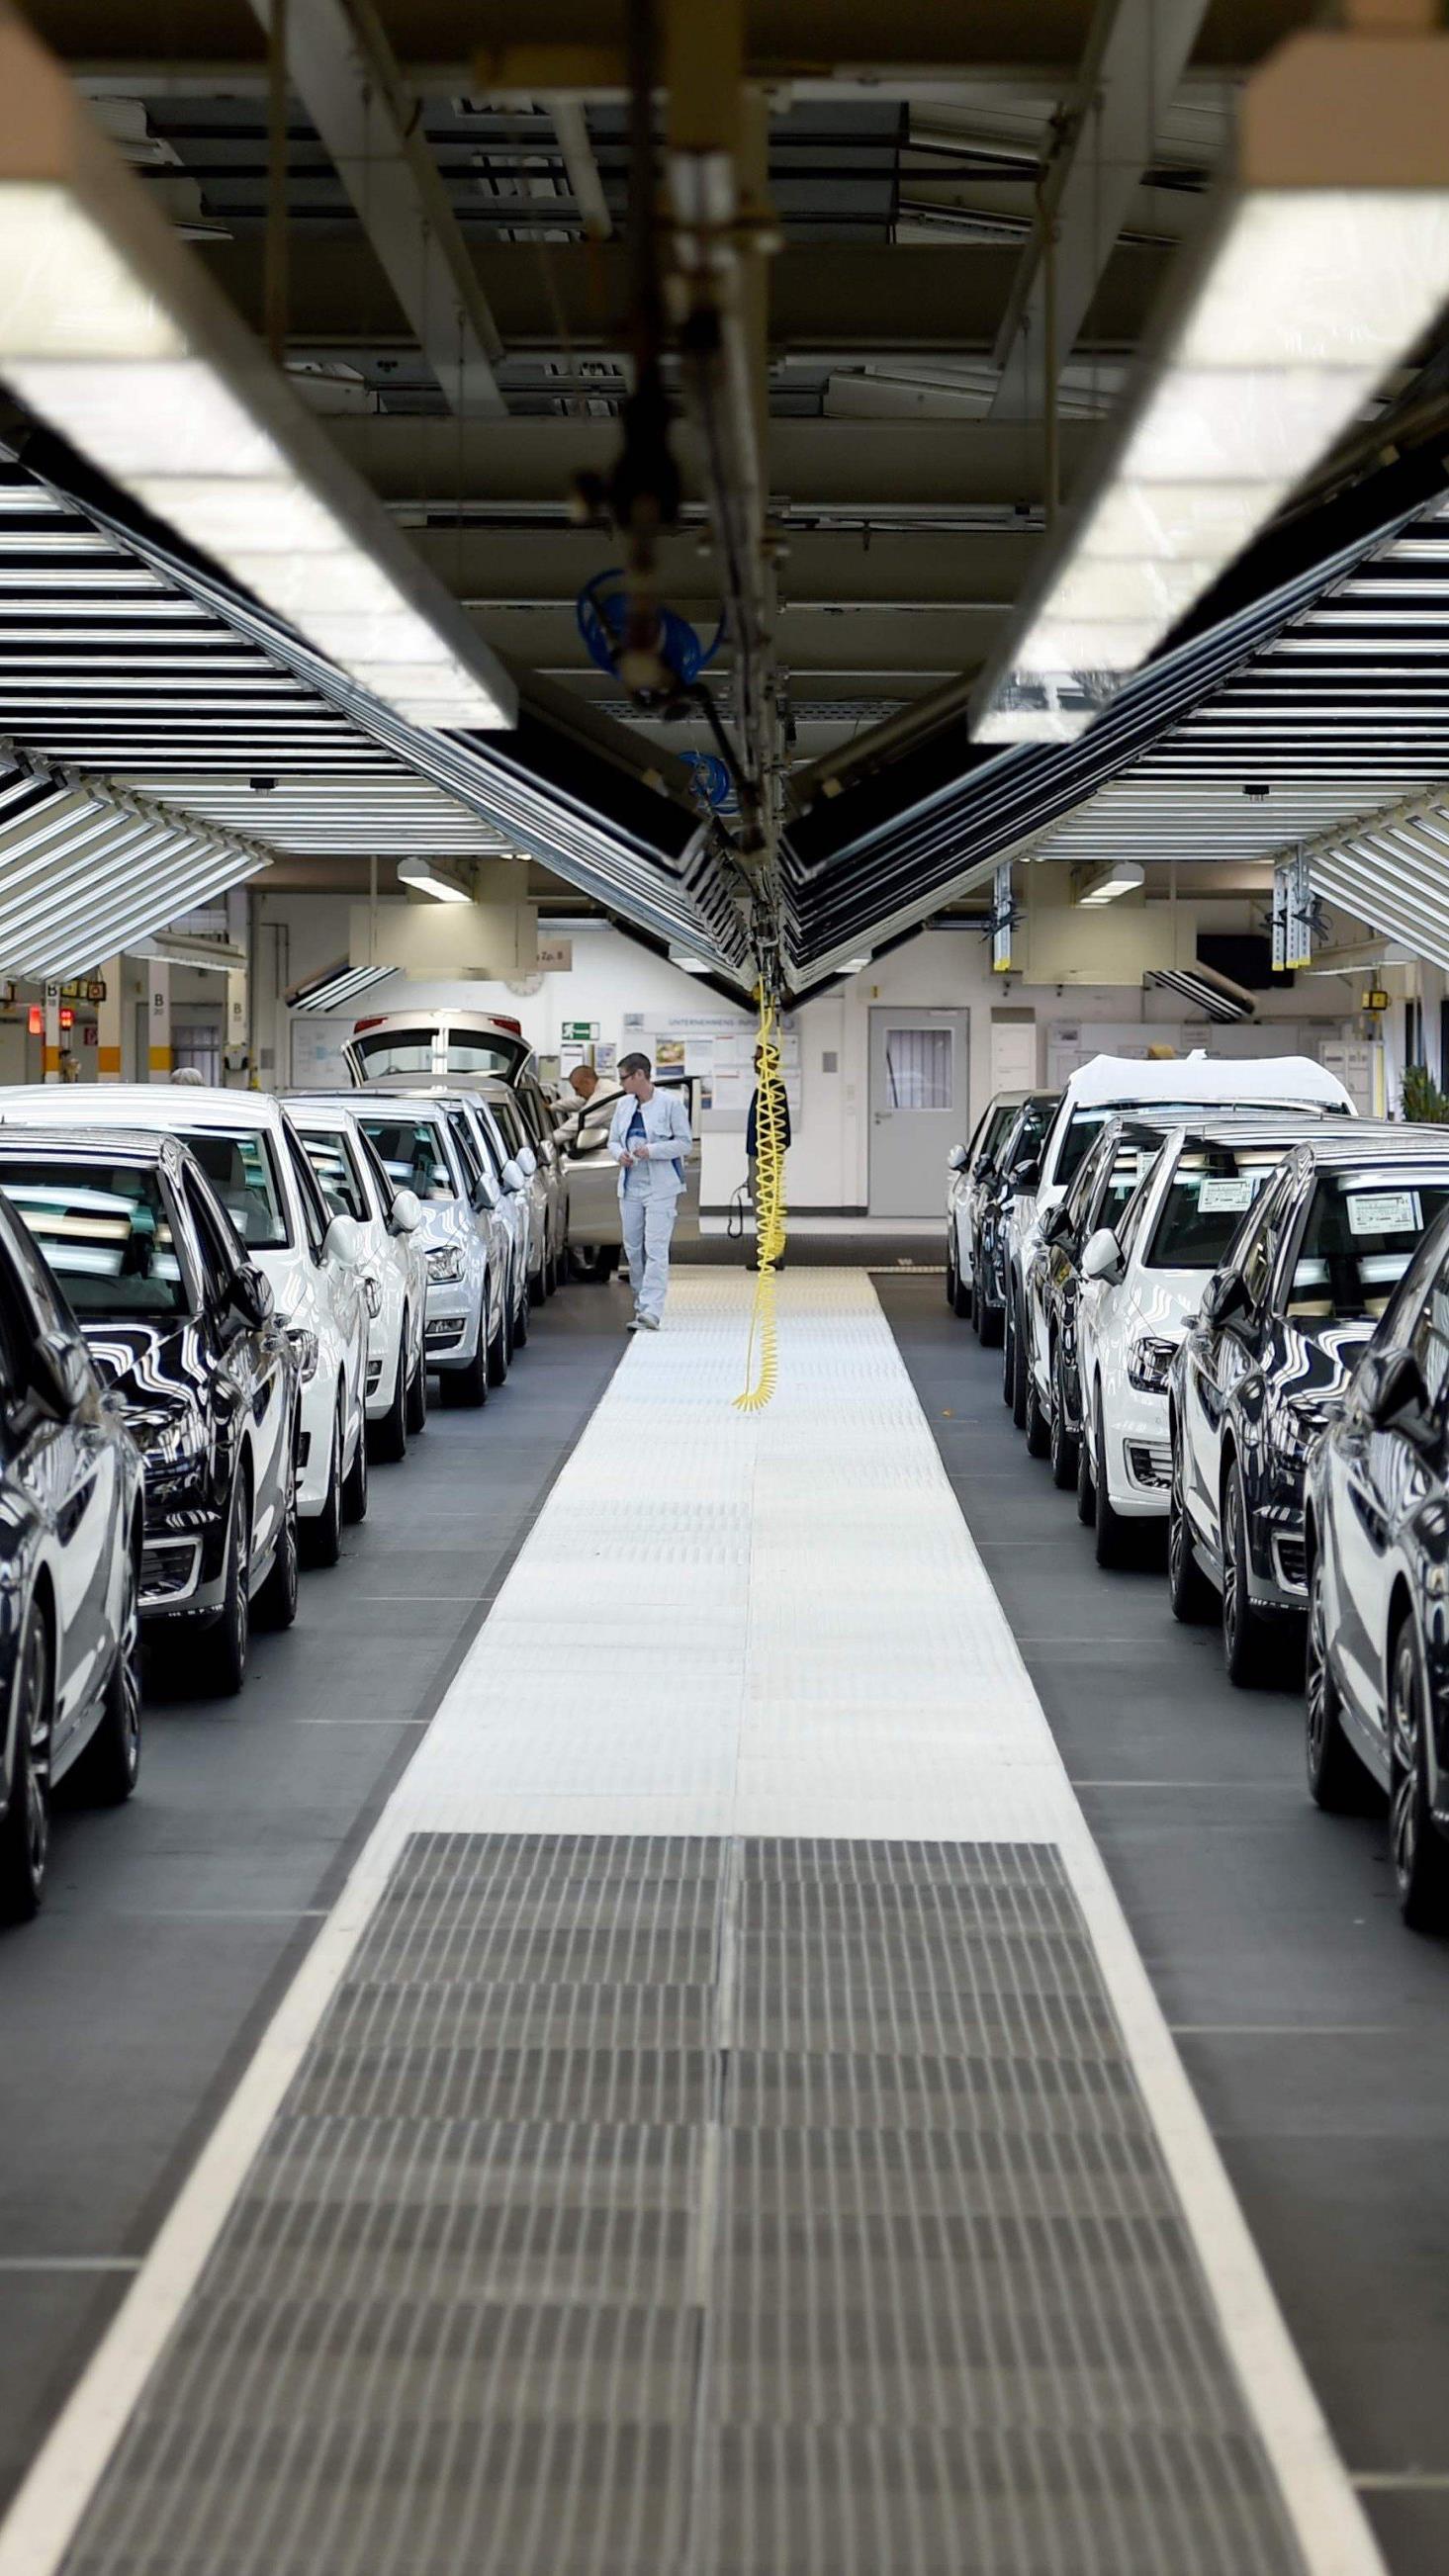 Das deutsche Bundeskartellamt nimmt laut einem Zeitungsbericht den Stahleinkauf von Autobauern unter die Lupe.